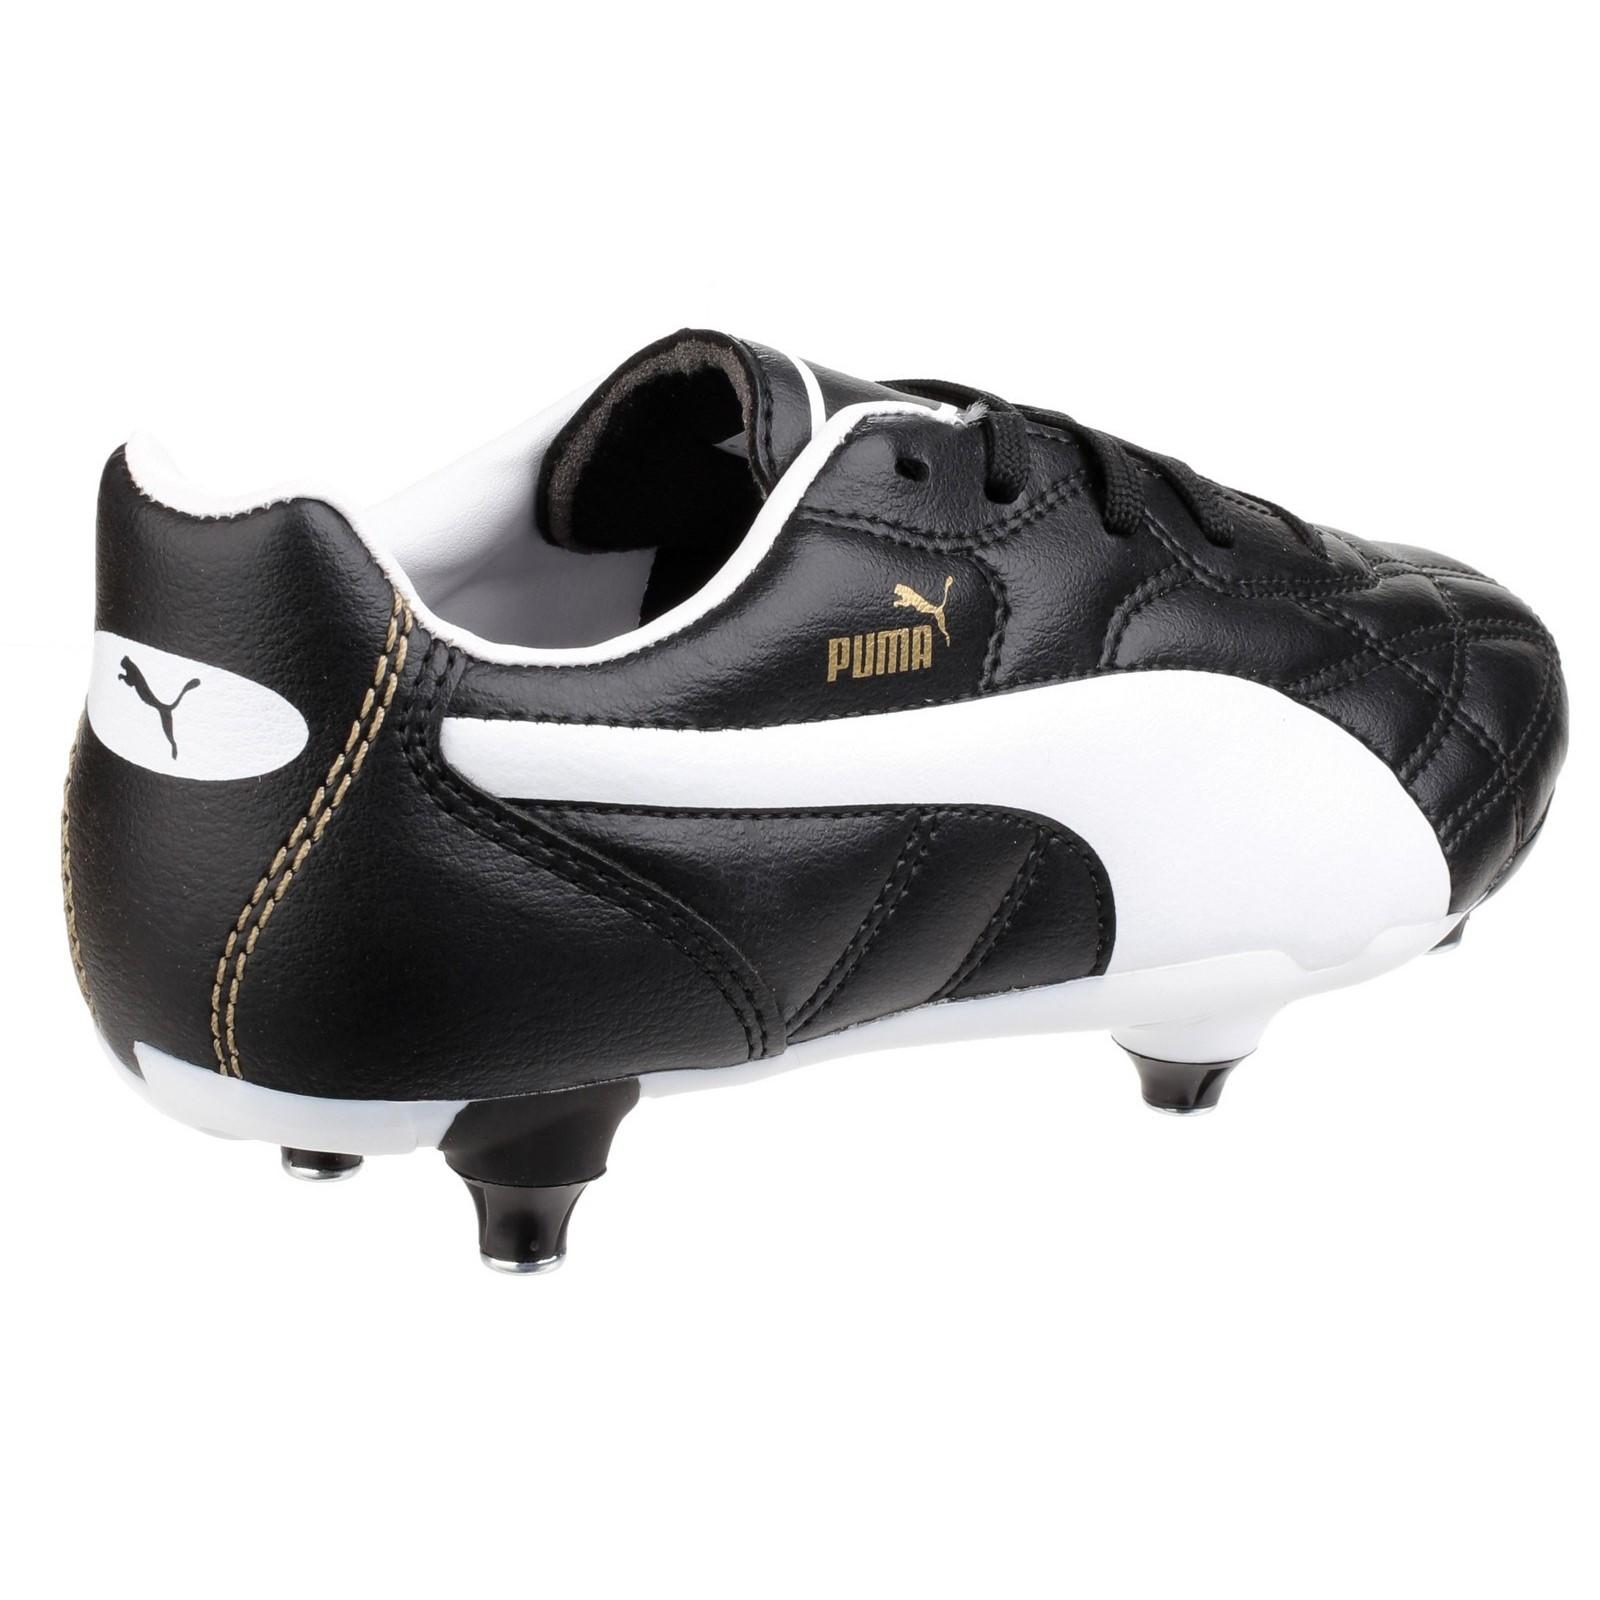 Puma Unisex Classico Einschrauben Fußballschuhe Schwarz Schwarz Schwarz Weiß Gold  | Qualitativ Hochwertiges Produkt  659cd6